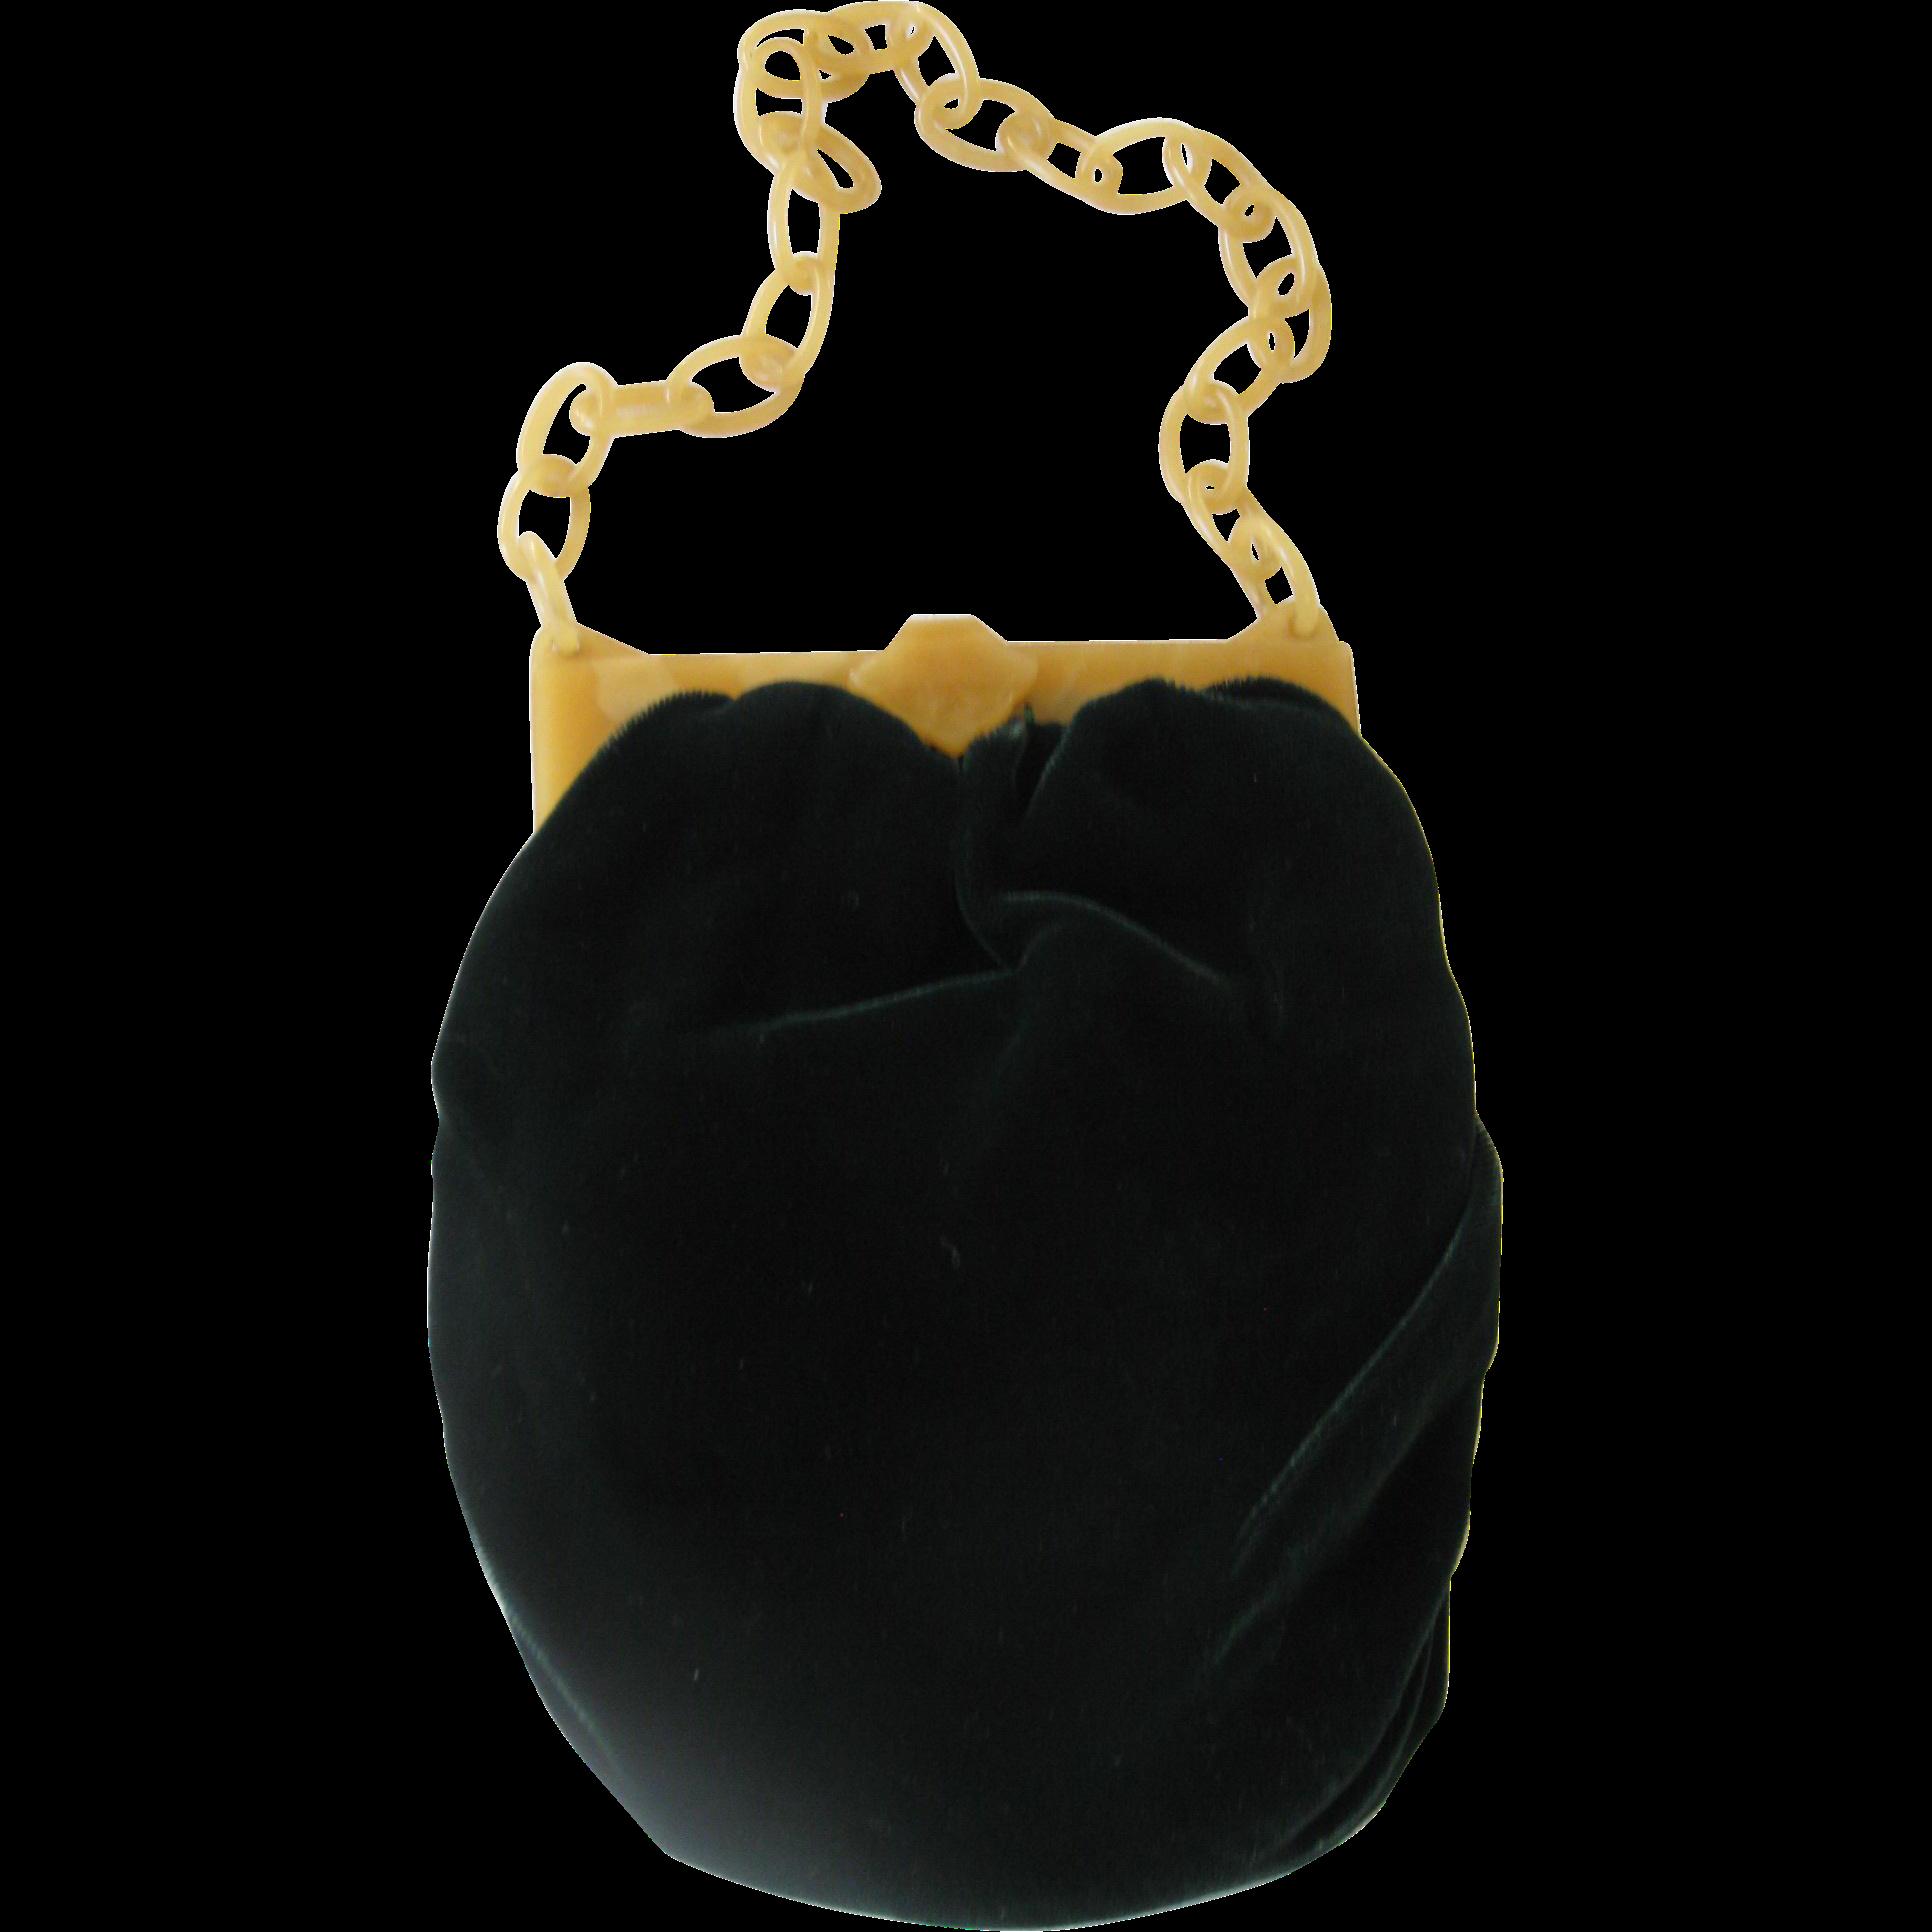 Vintage Green Velvet Handbag with Bakelite Clasp & Chain